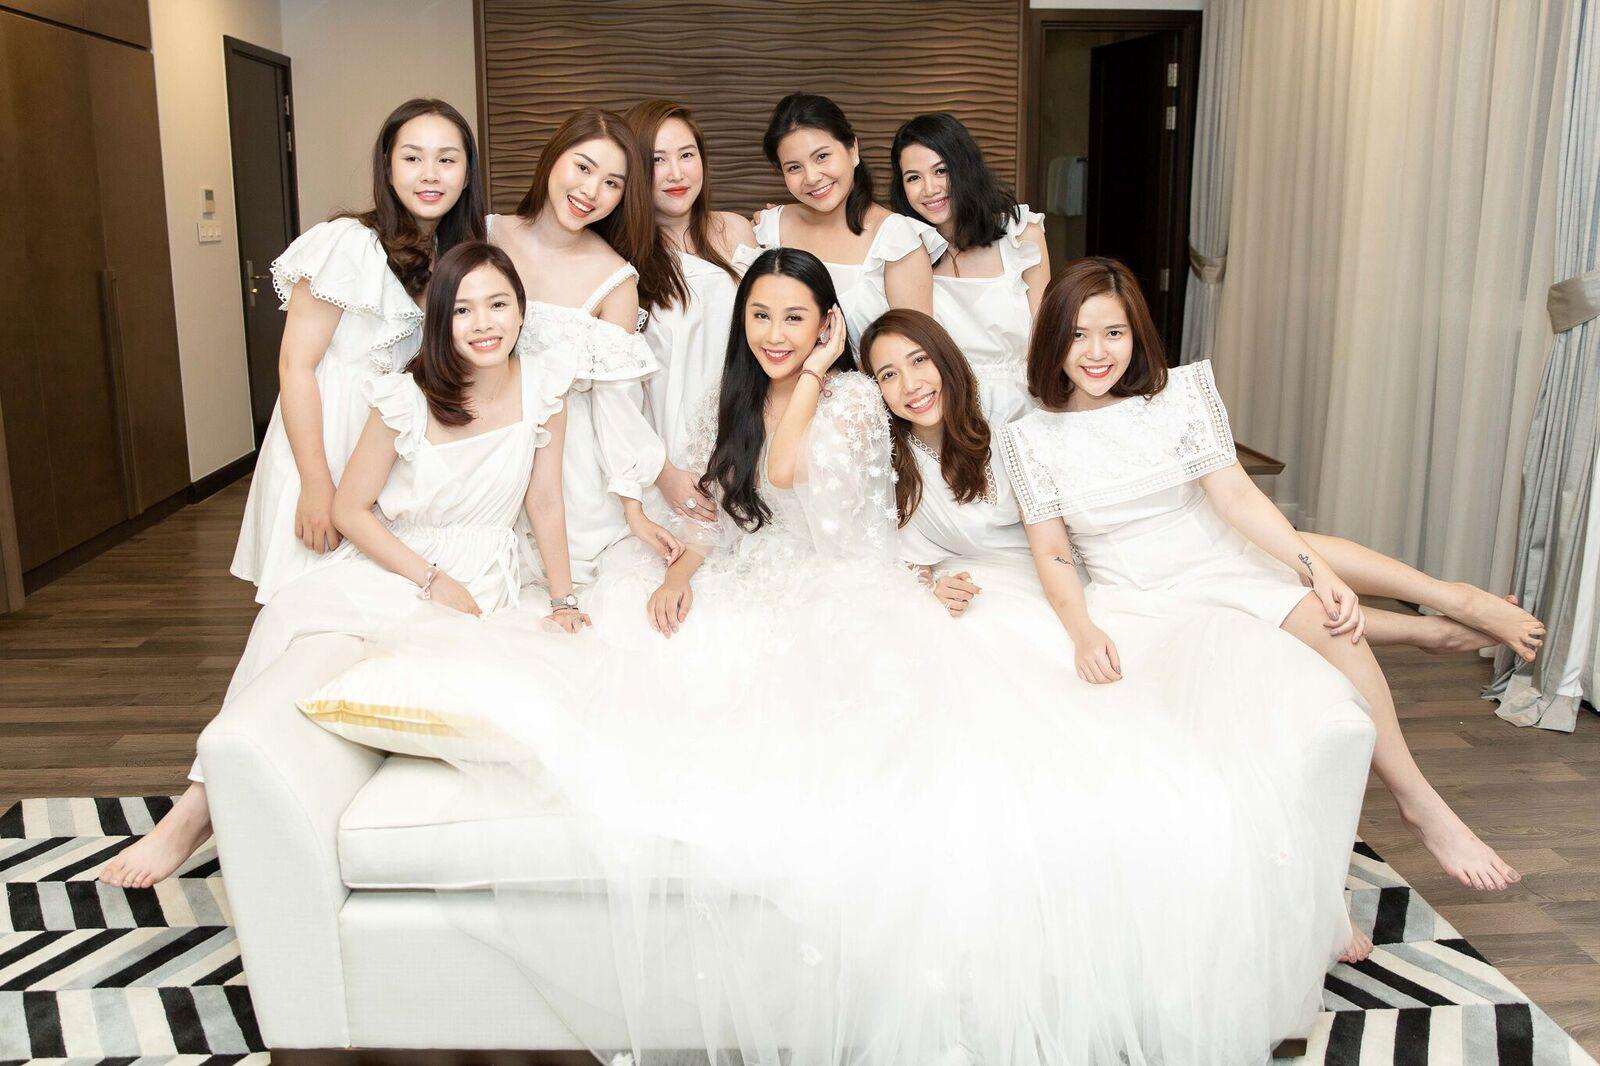 Trước giờ G cử hành hôn lễ, nhà văn Gào chia sẻ những hình ảnh về tiệc chia tay thời độc thân cùng dàn phù dâu xinh đẹp - Ảnh 7.